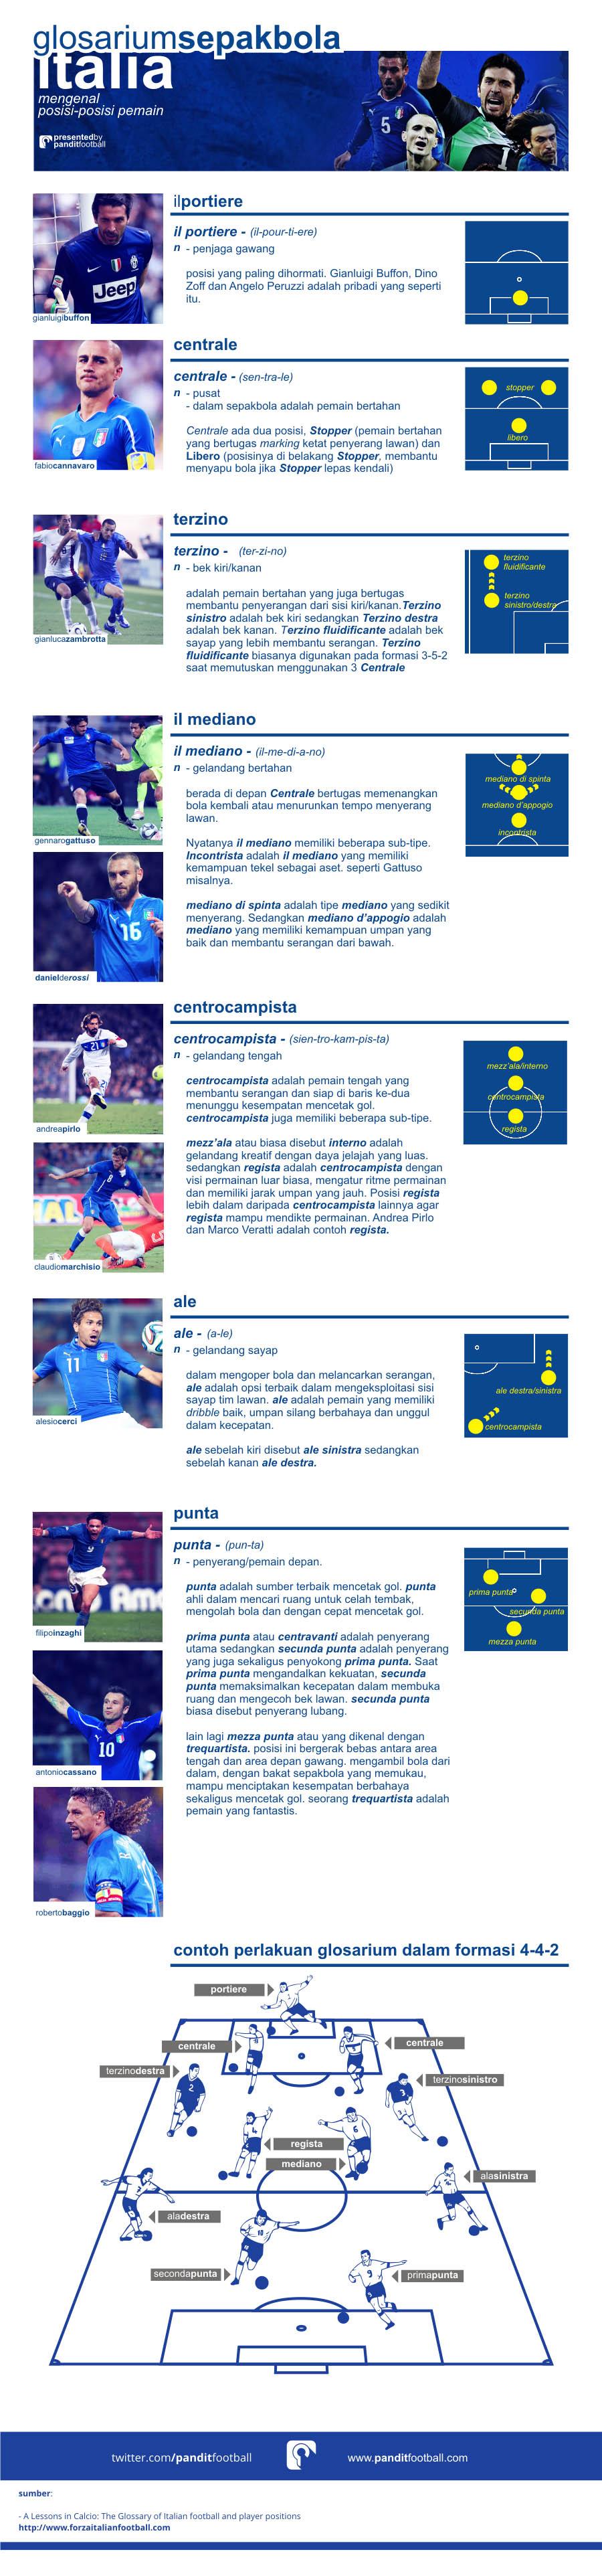 Glosarius Sepakbola Italia: Mengenal Posisi Pemain (Klik Gambar untuk Memperbesar)